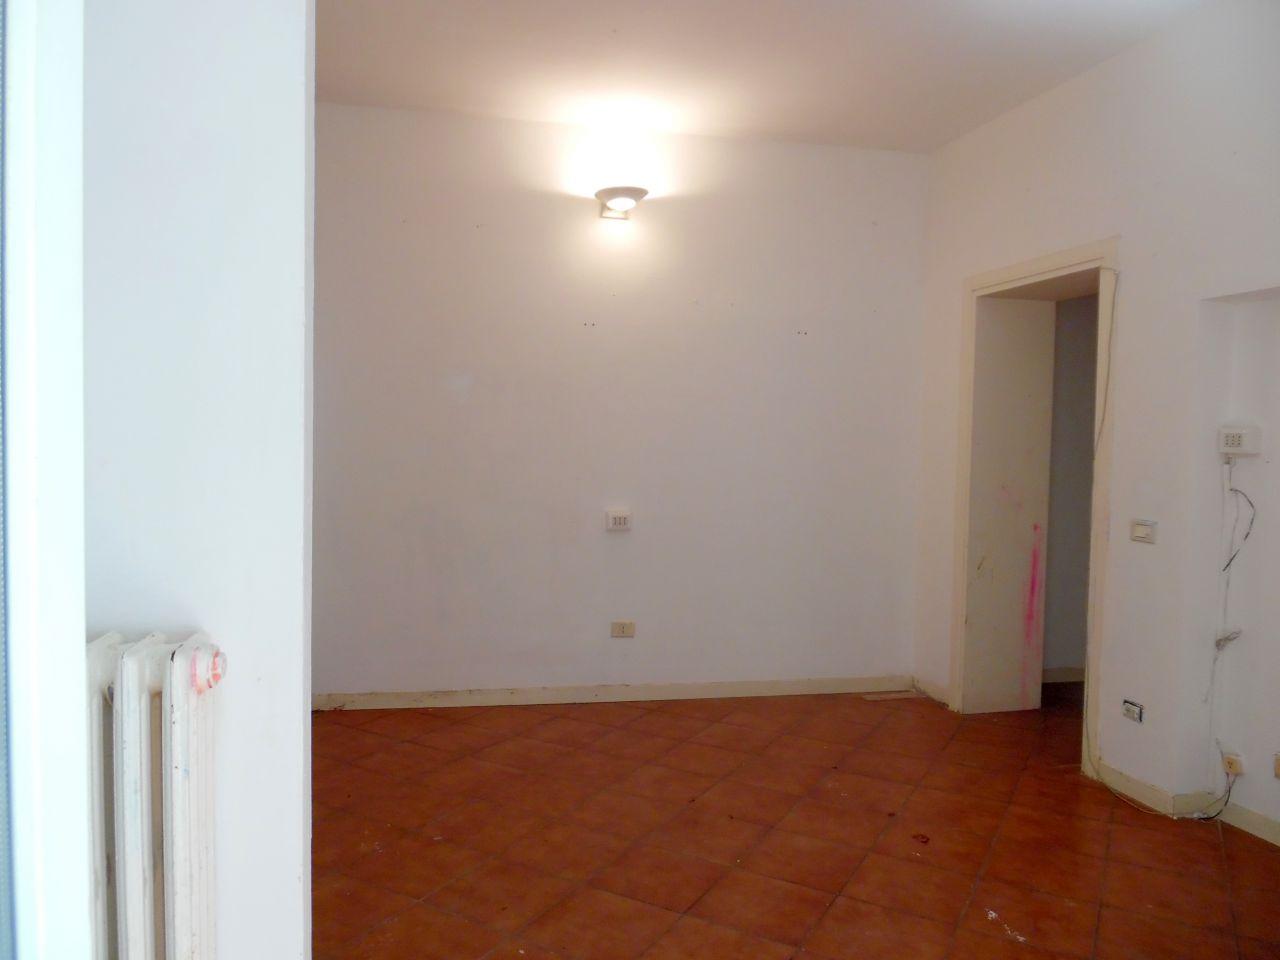 Appartamento da ristrutturare in vendita Rif. 11526260